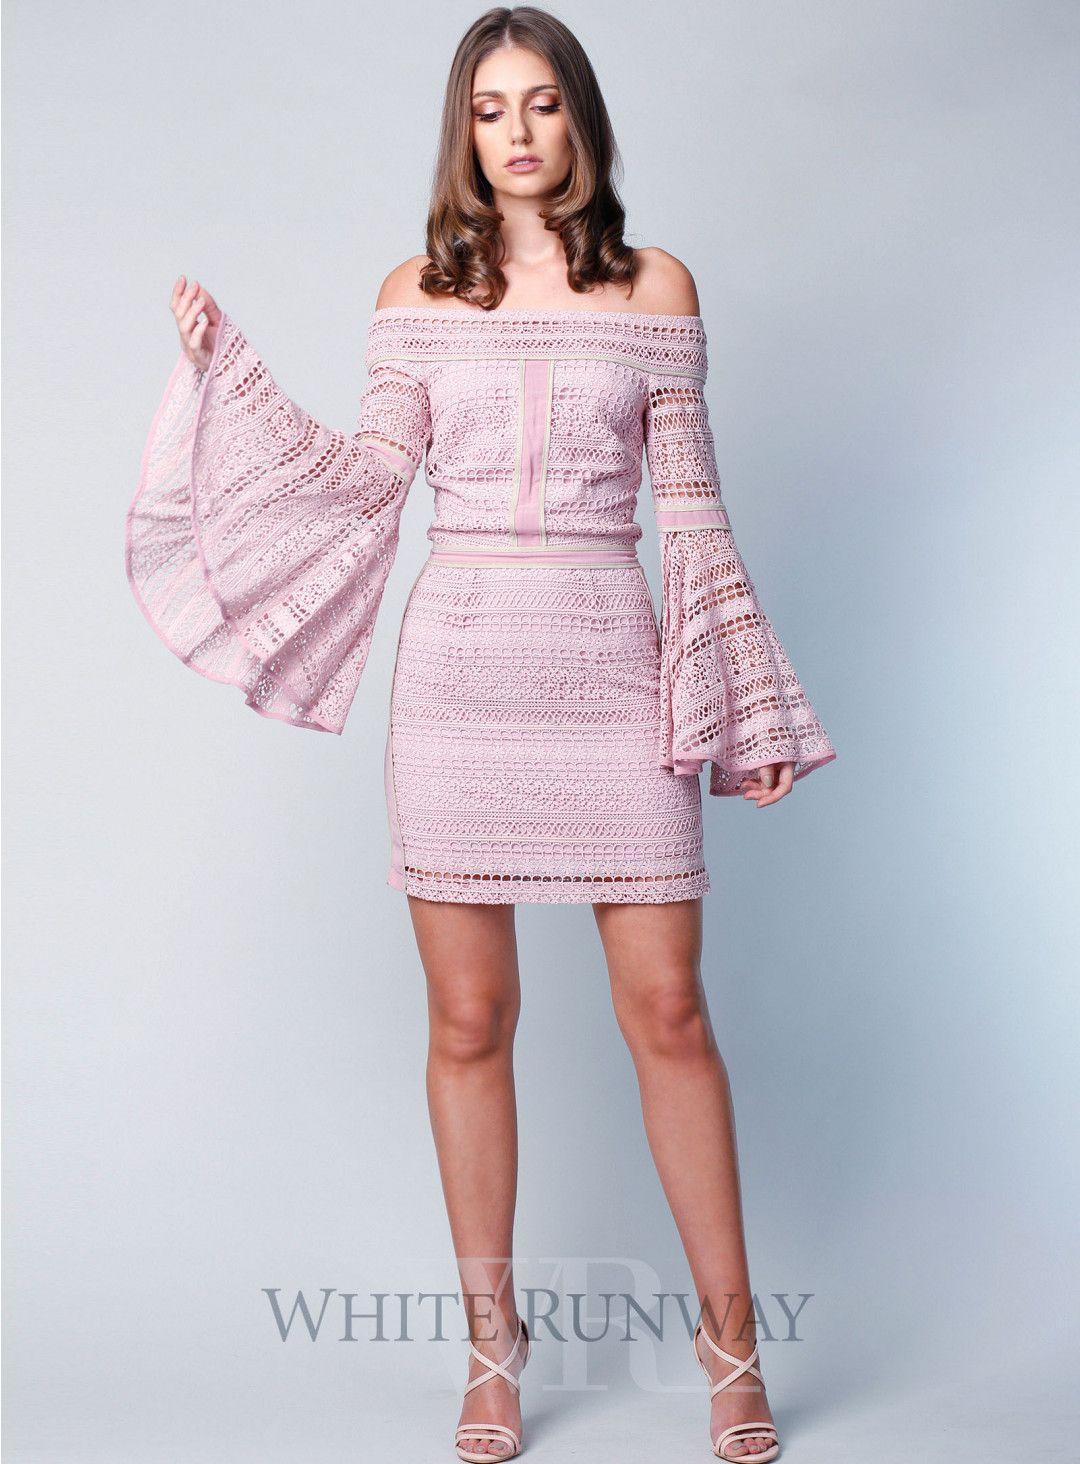 Daisy Lace Dress  Awanda  Pinterest  Crochet lace Lace dress and